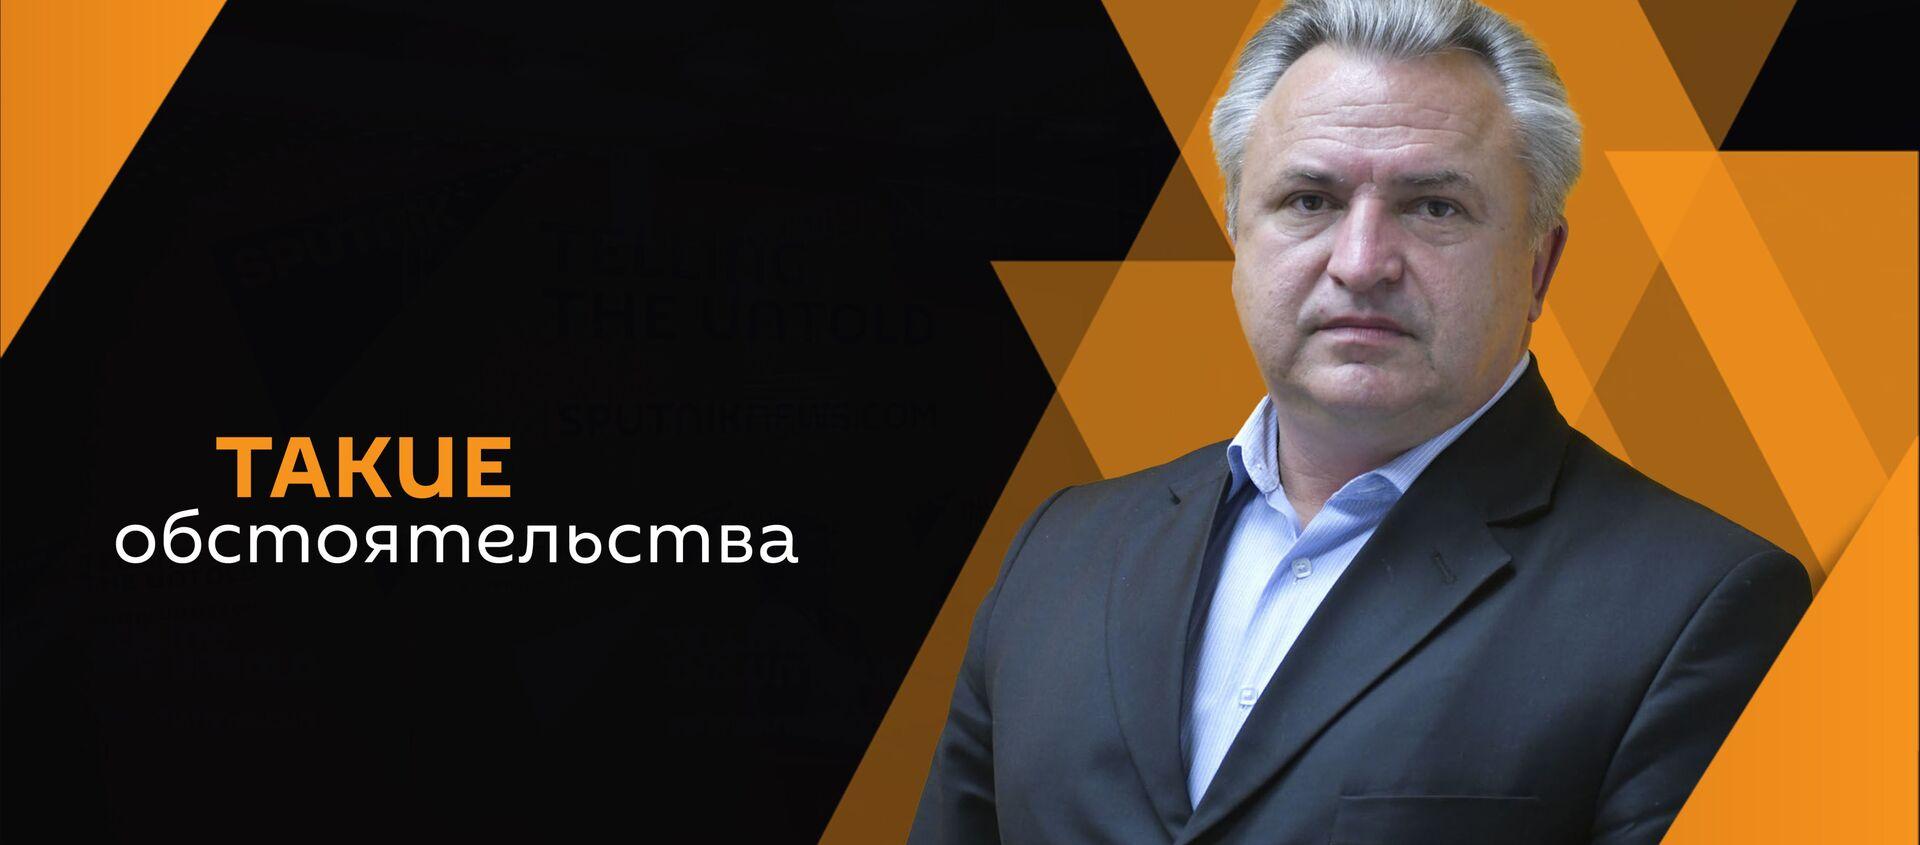 Владимир Некрасов  - Sputnik Абхазия, 1920, 08.06.2021